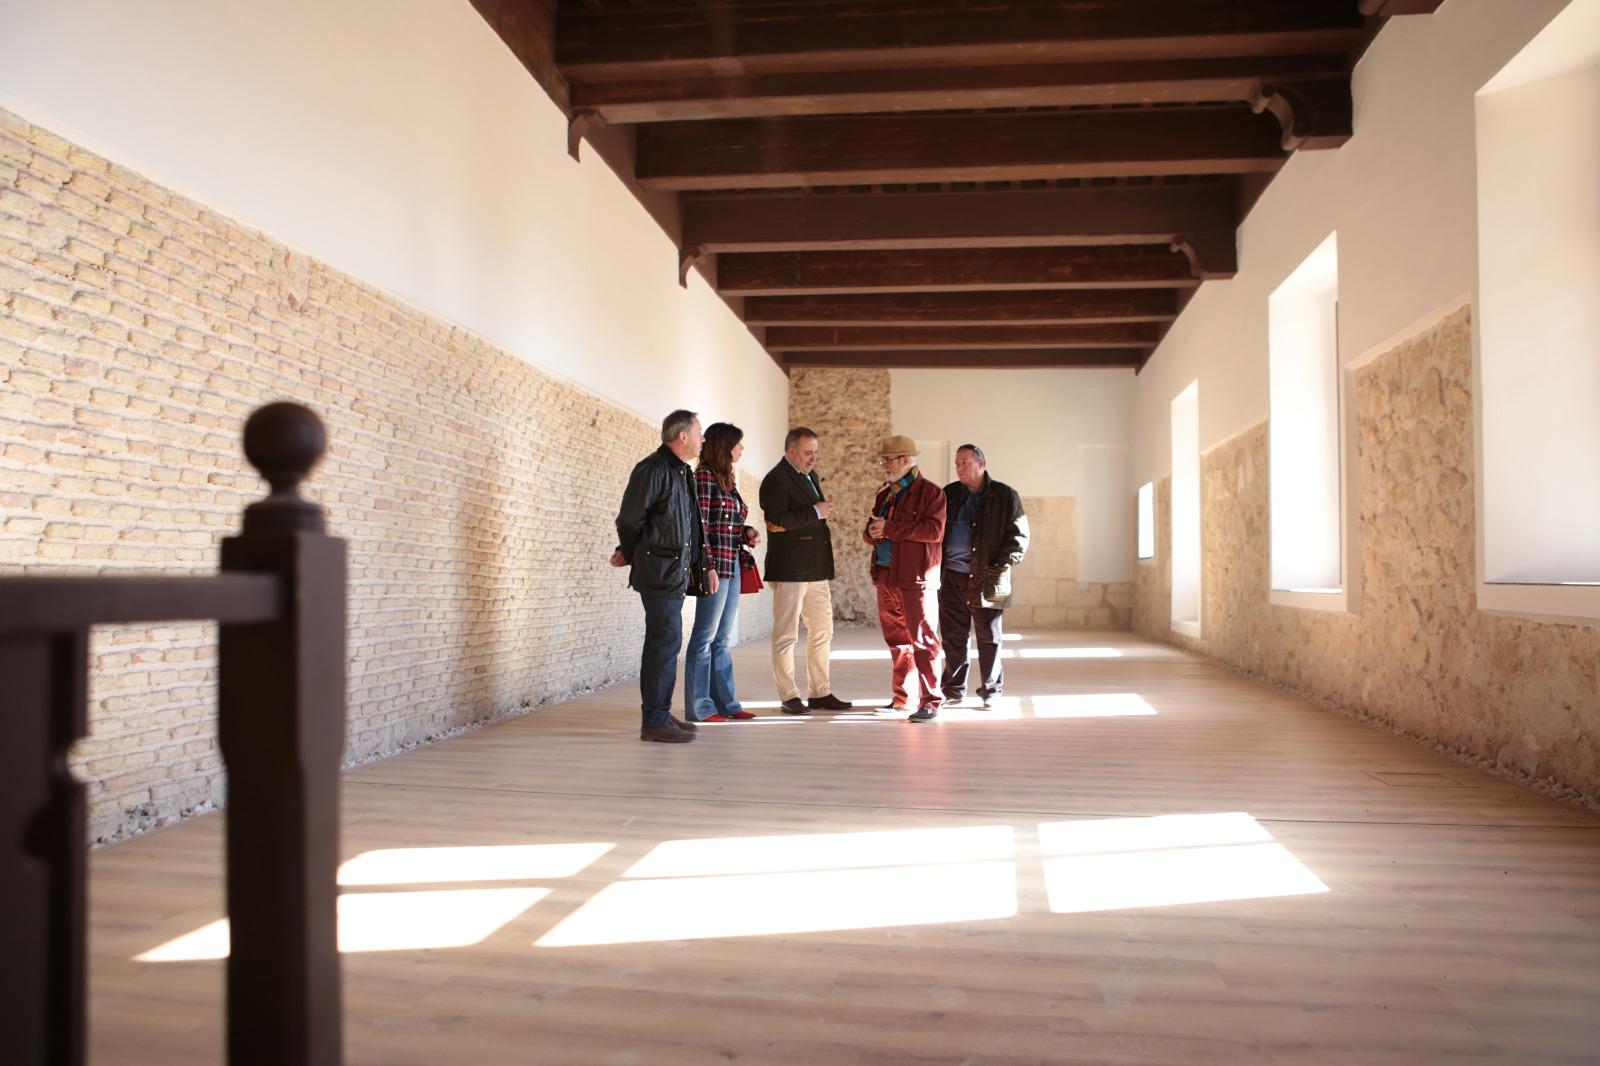 La nueva Casa del Artesano ayudará a potenciar la artesanía lorquina